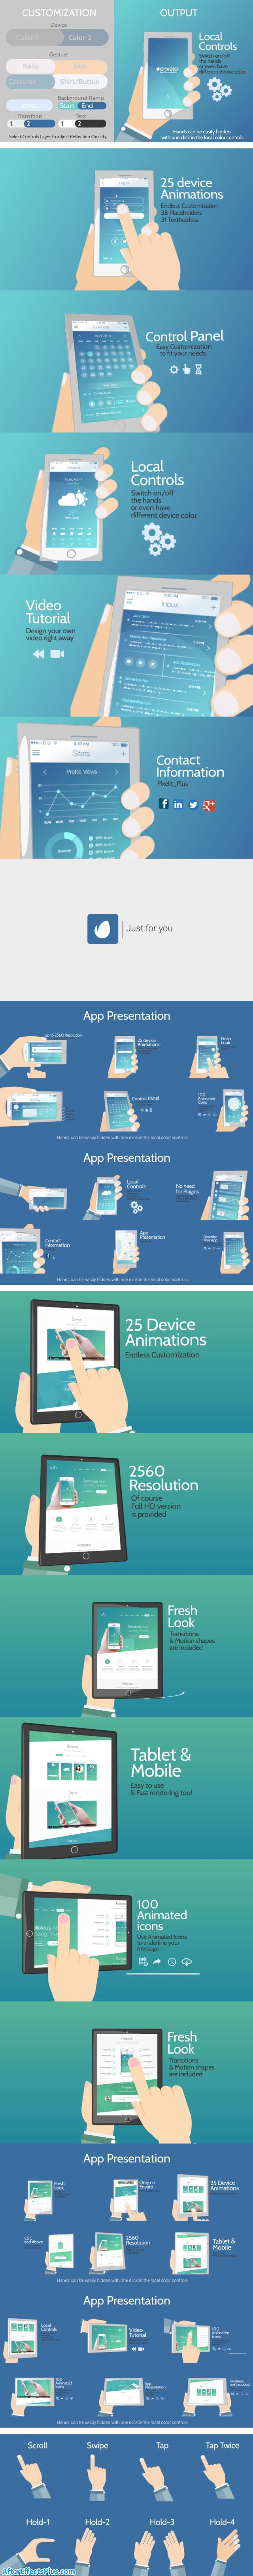 پروژه افتر افکت تبلیغ کارتونی اپلیکیشن موبایل - Cartoony App Promo